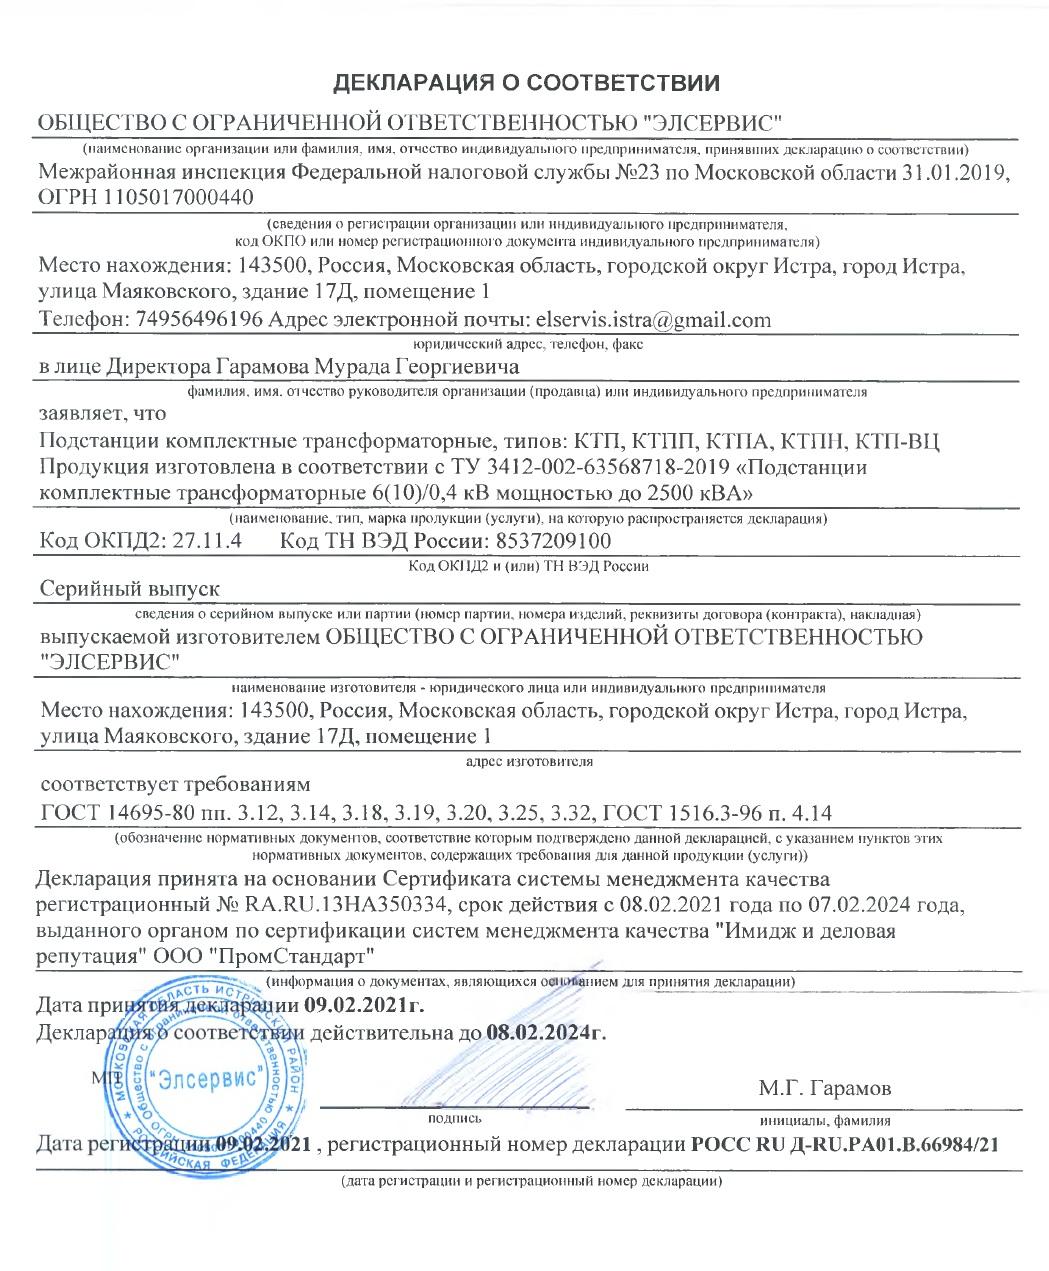 Электроэффект: Декларация соответствия КТП